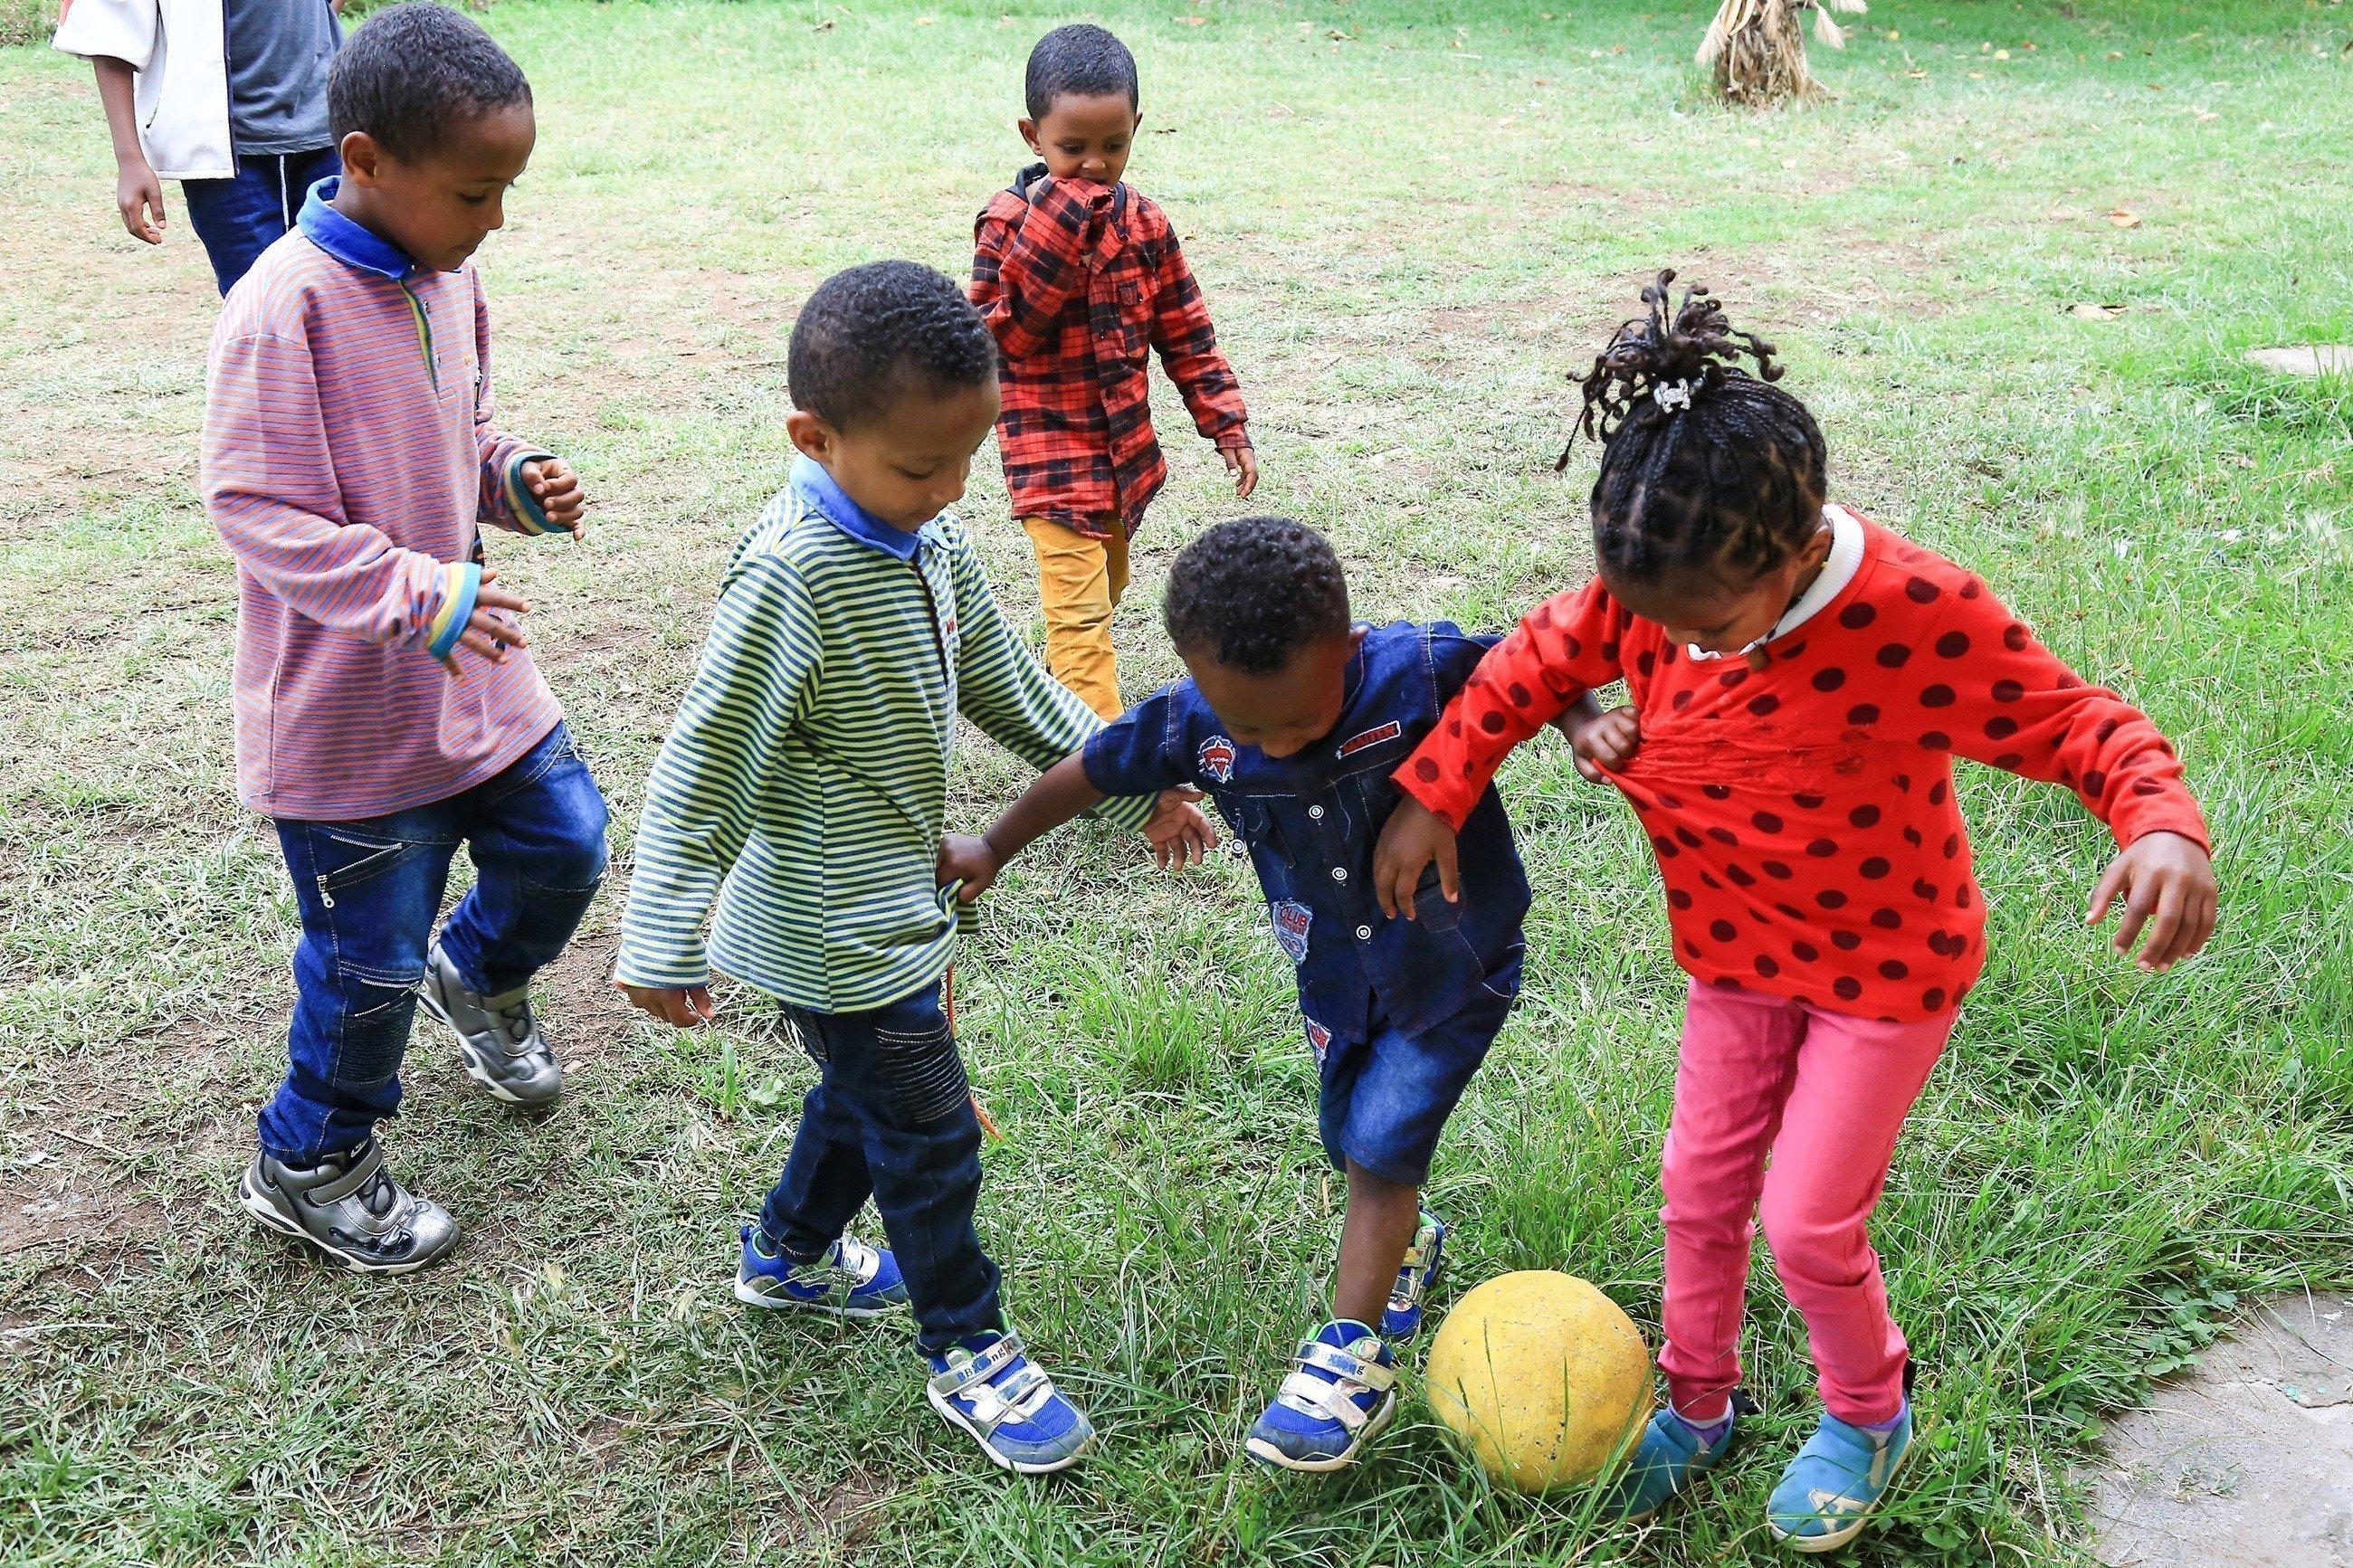 Des enfants africains jouent au football.